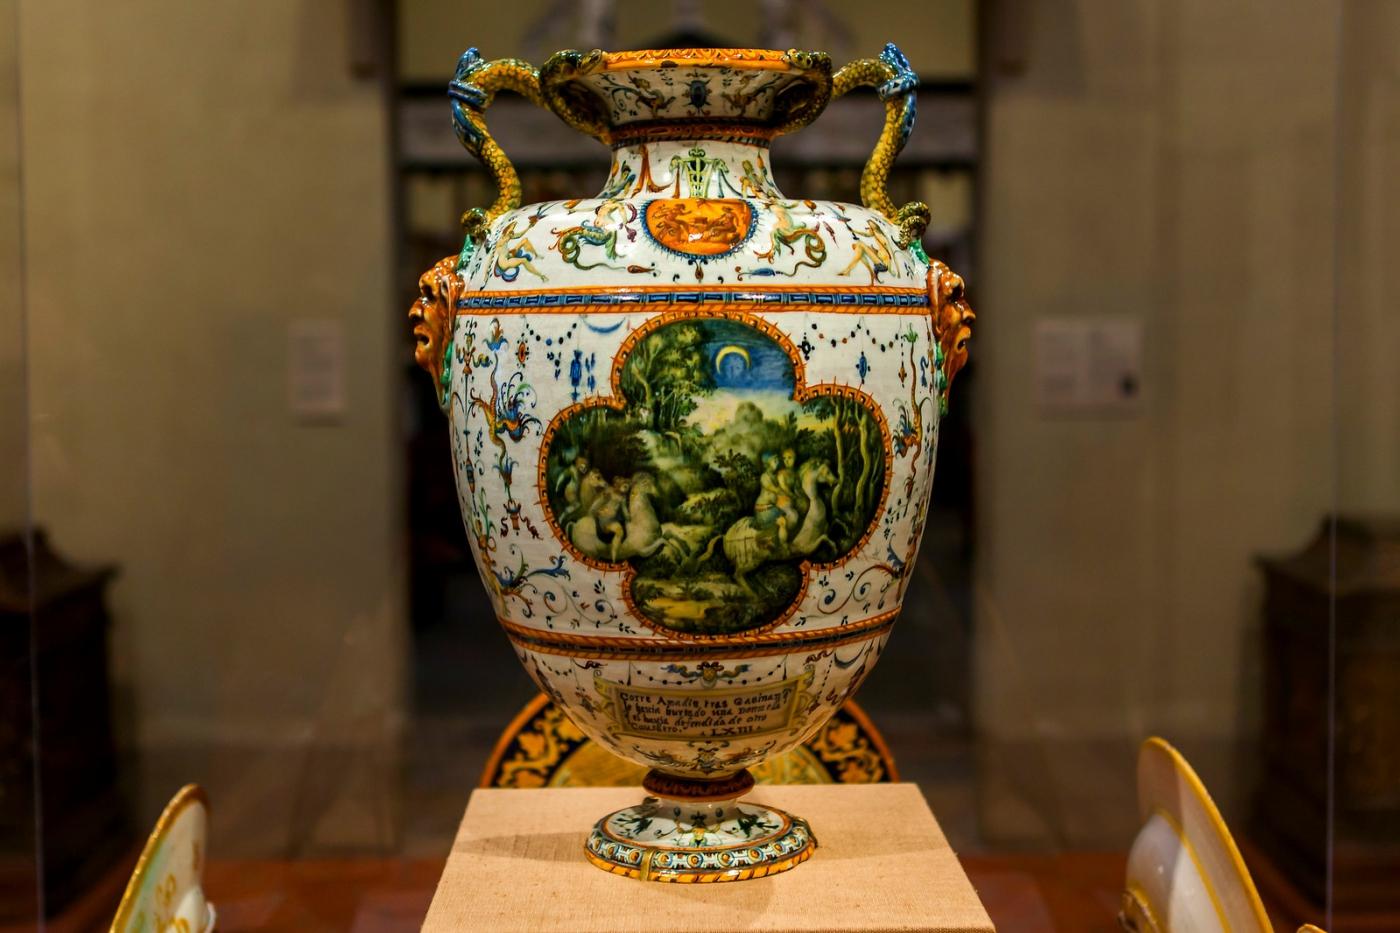 费城艺术博物馆,藏品欣赏_图1-9